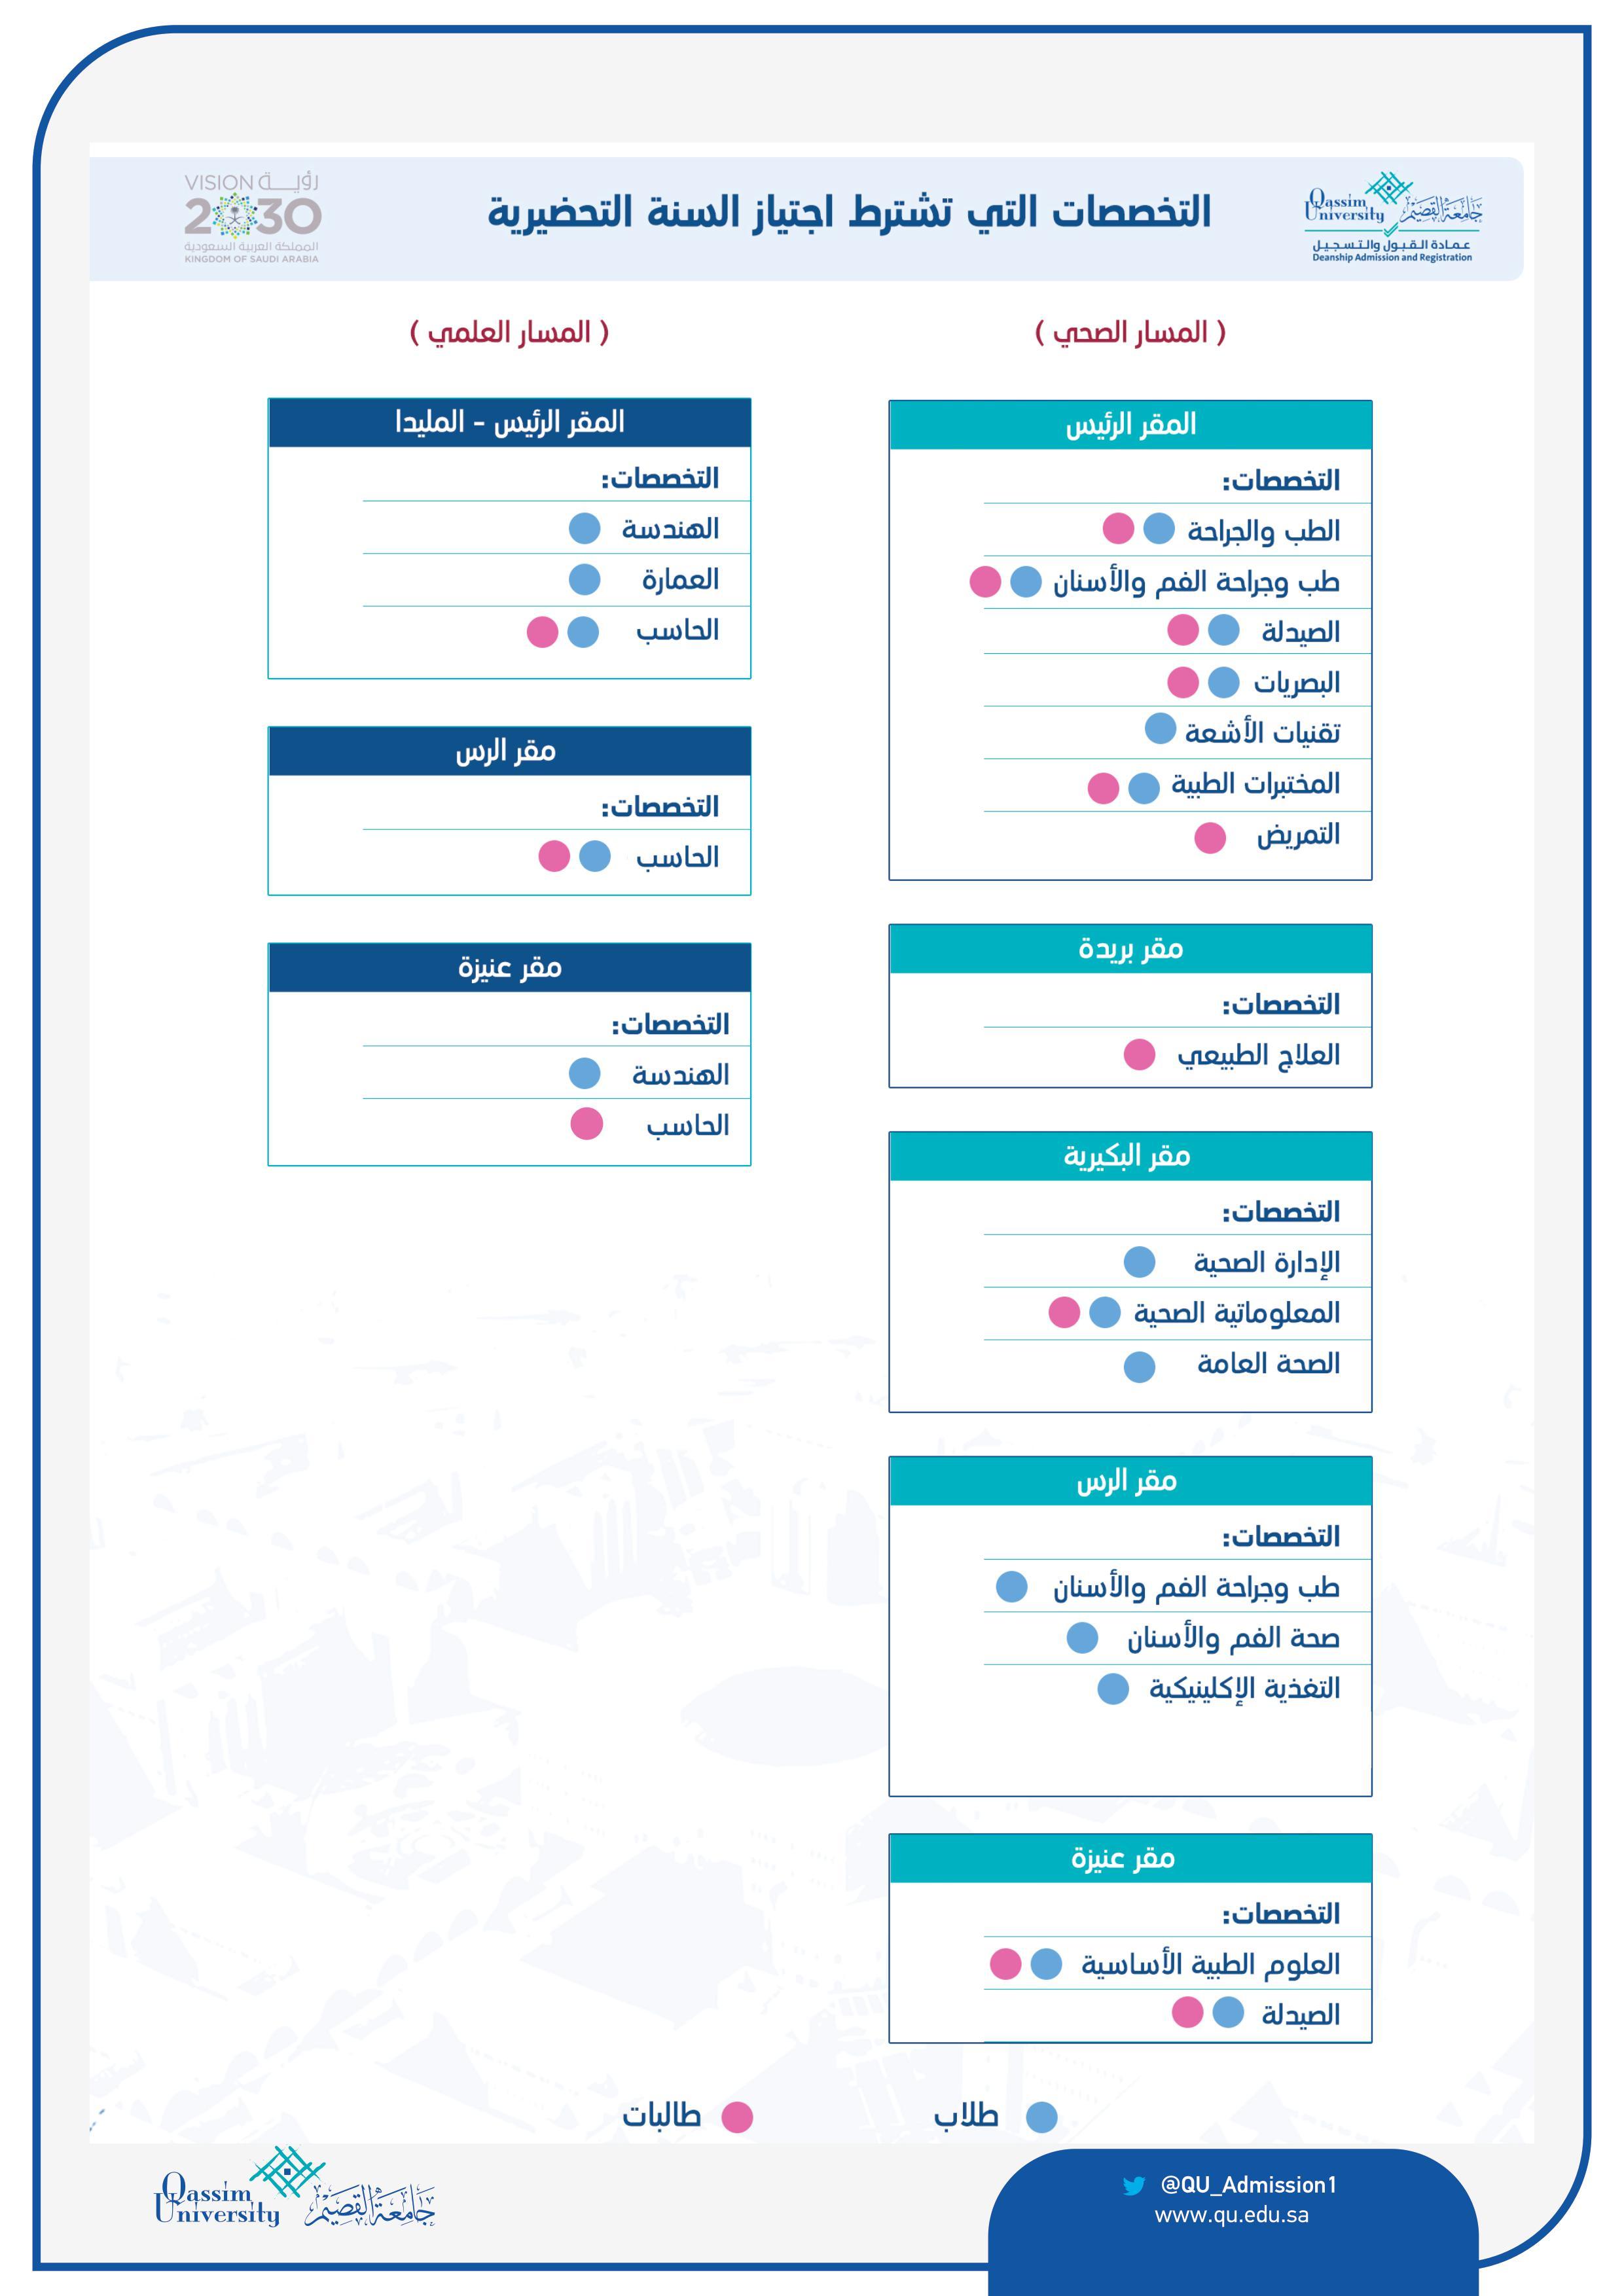 عمادة القبول والتسجيل الكليات والأقسام المتاحة للقبول للعام الجامعي 1442 هـ